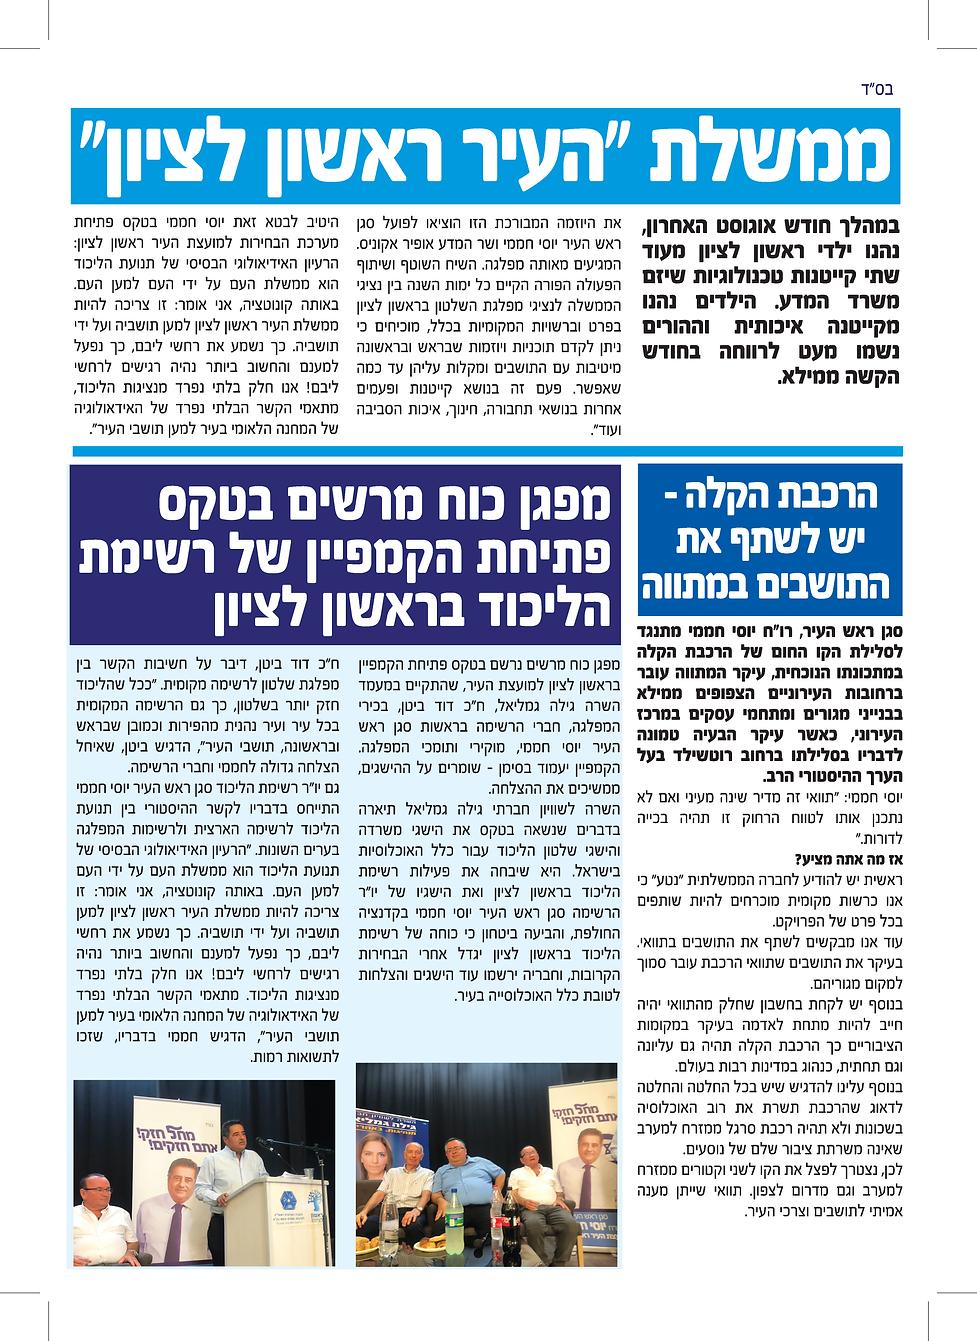 העיתון שלם_Page_3.png